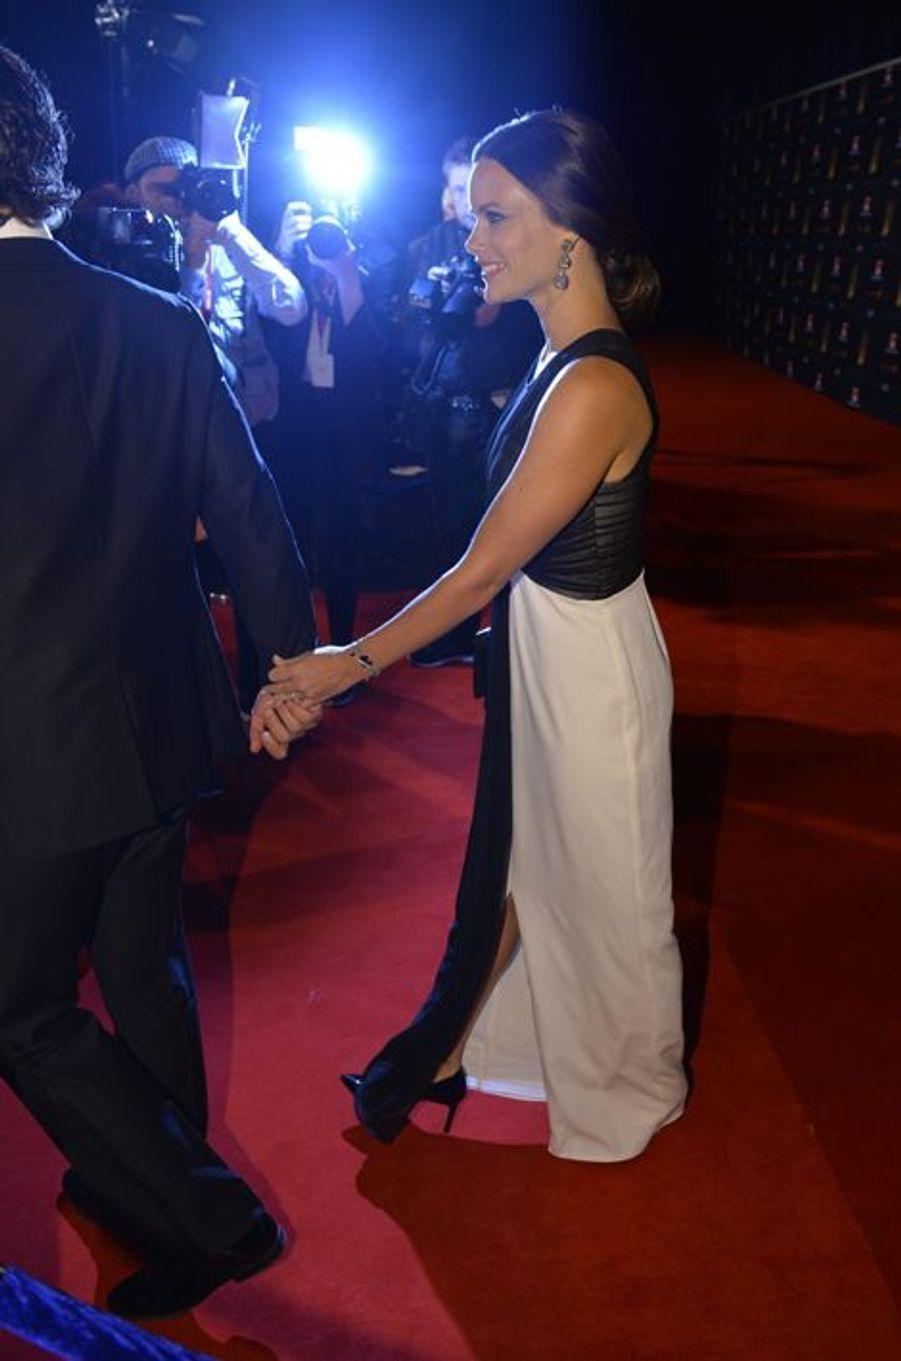 Sofia Hellqvist et le prince Carl Philip de Suède au Gala des sports à Stockholm, le 19 janvier 2015